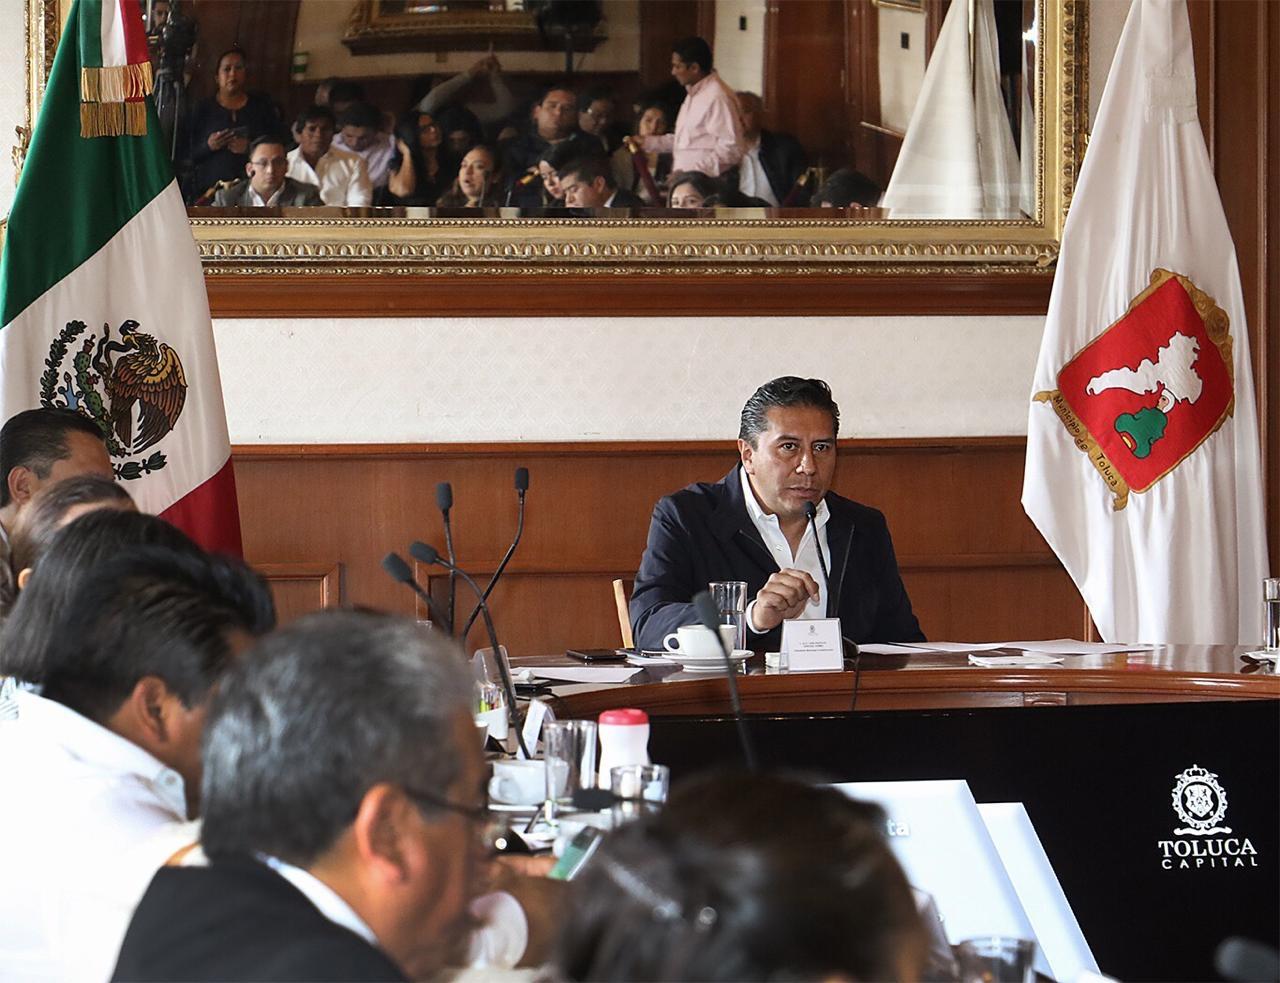 Las manifestaciones no nos van a detener: Juan Rodolfo